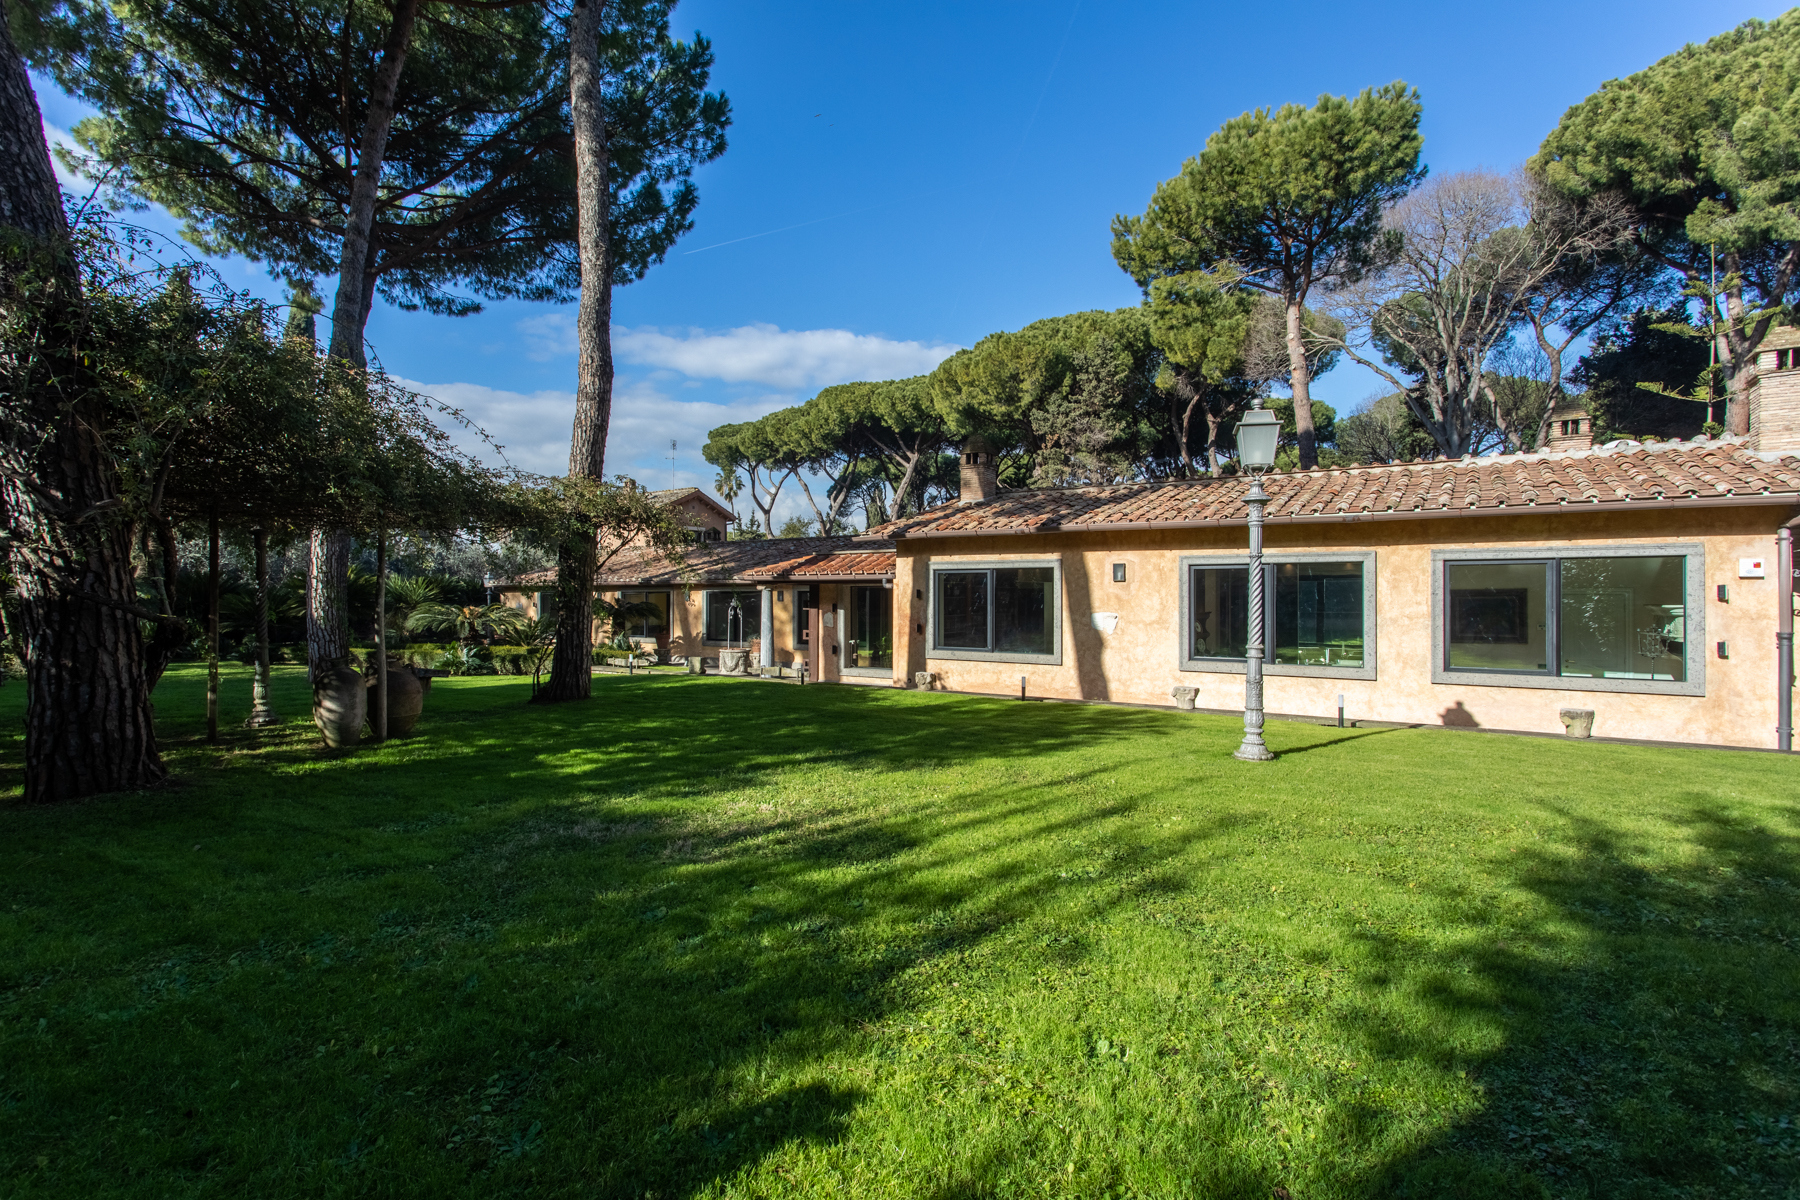 Villa in Vendita a Roma: 5 locali, 380 mq - Foto 2